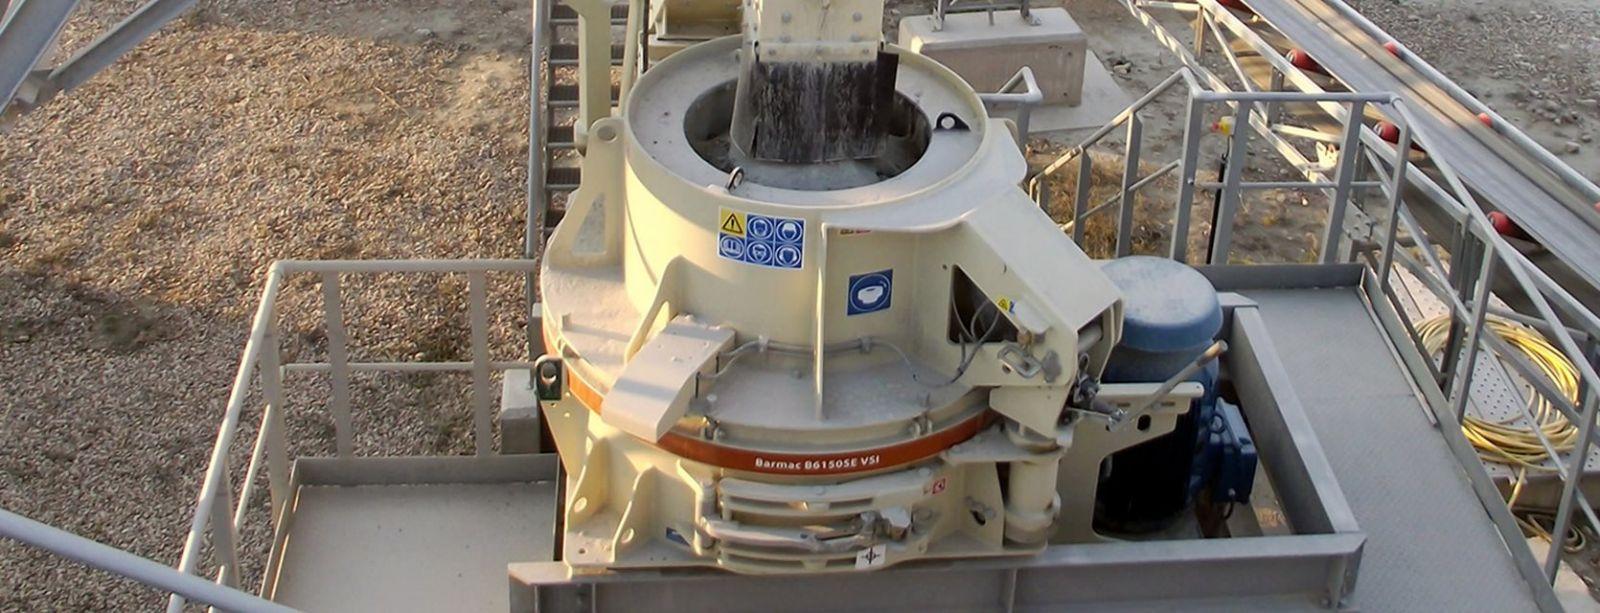 máy nghiền cát nhân tạo Barmac VSI 6150 tại mỏ cát nghiền